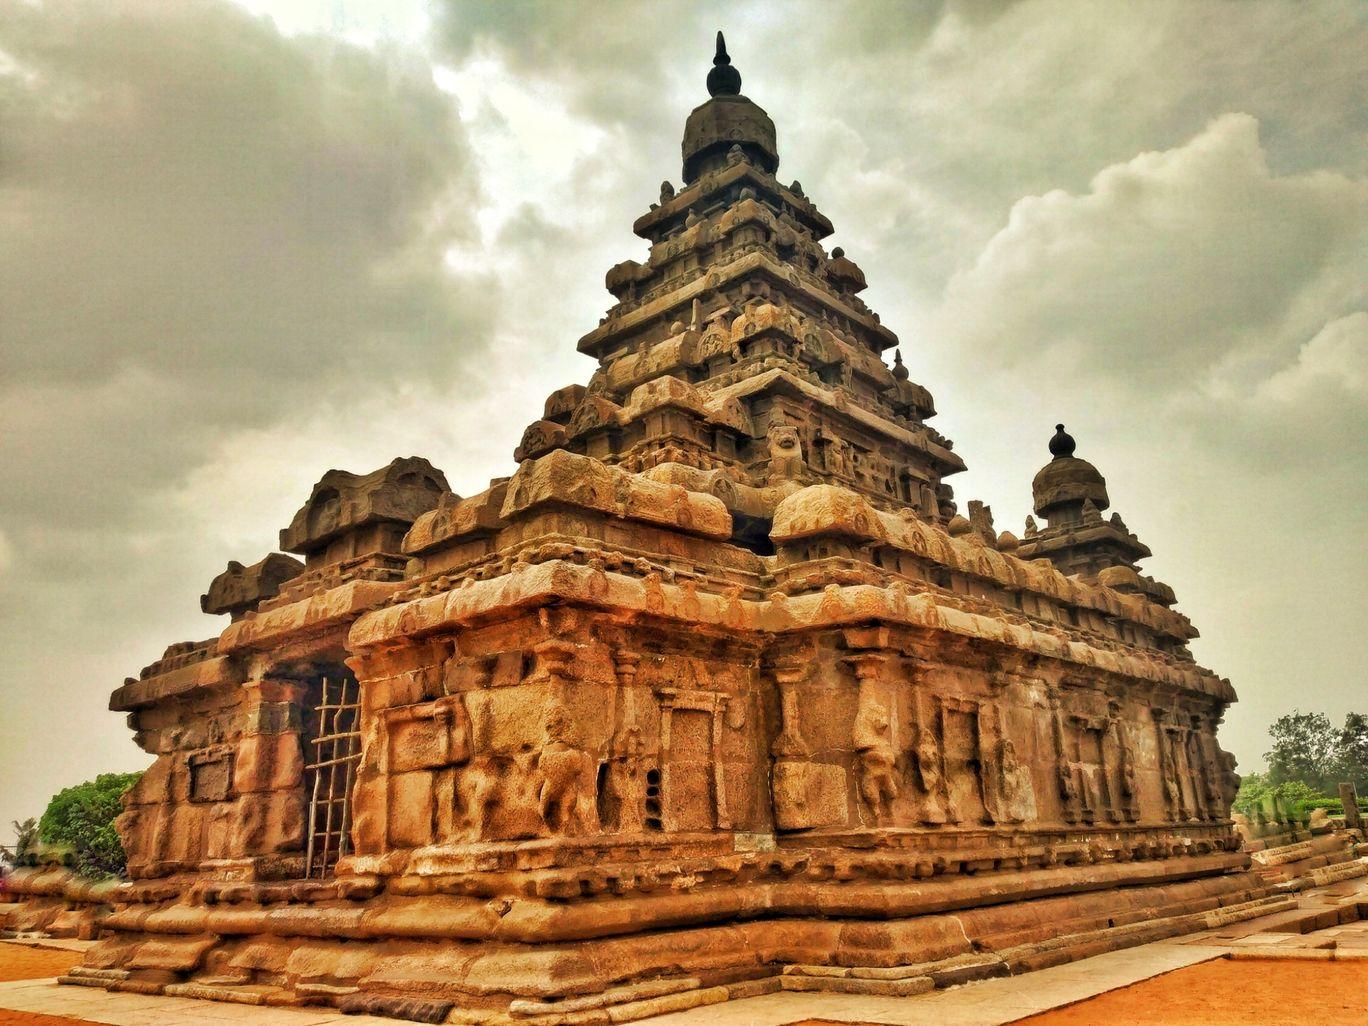 Photo of Mahabalipuram By praveen kavali